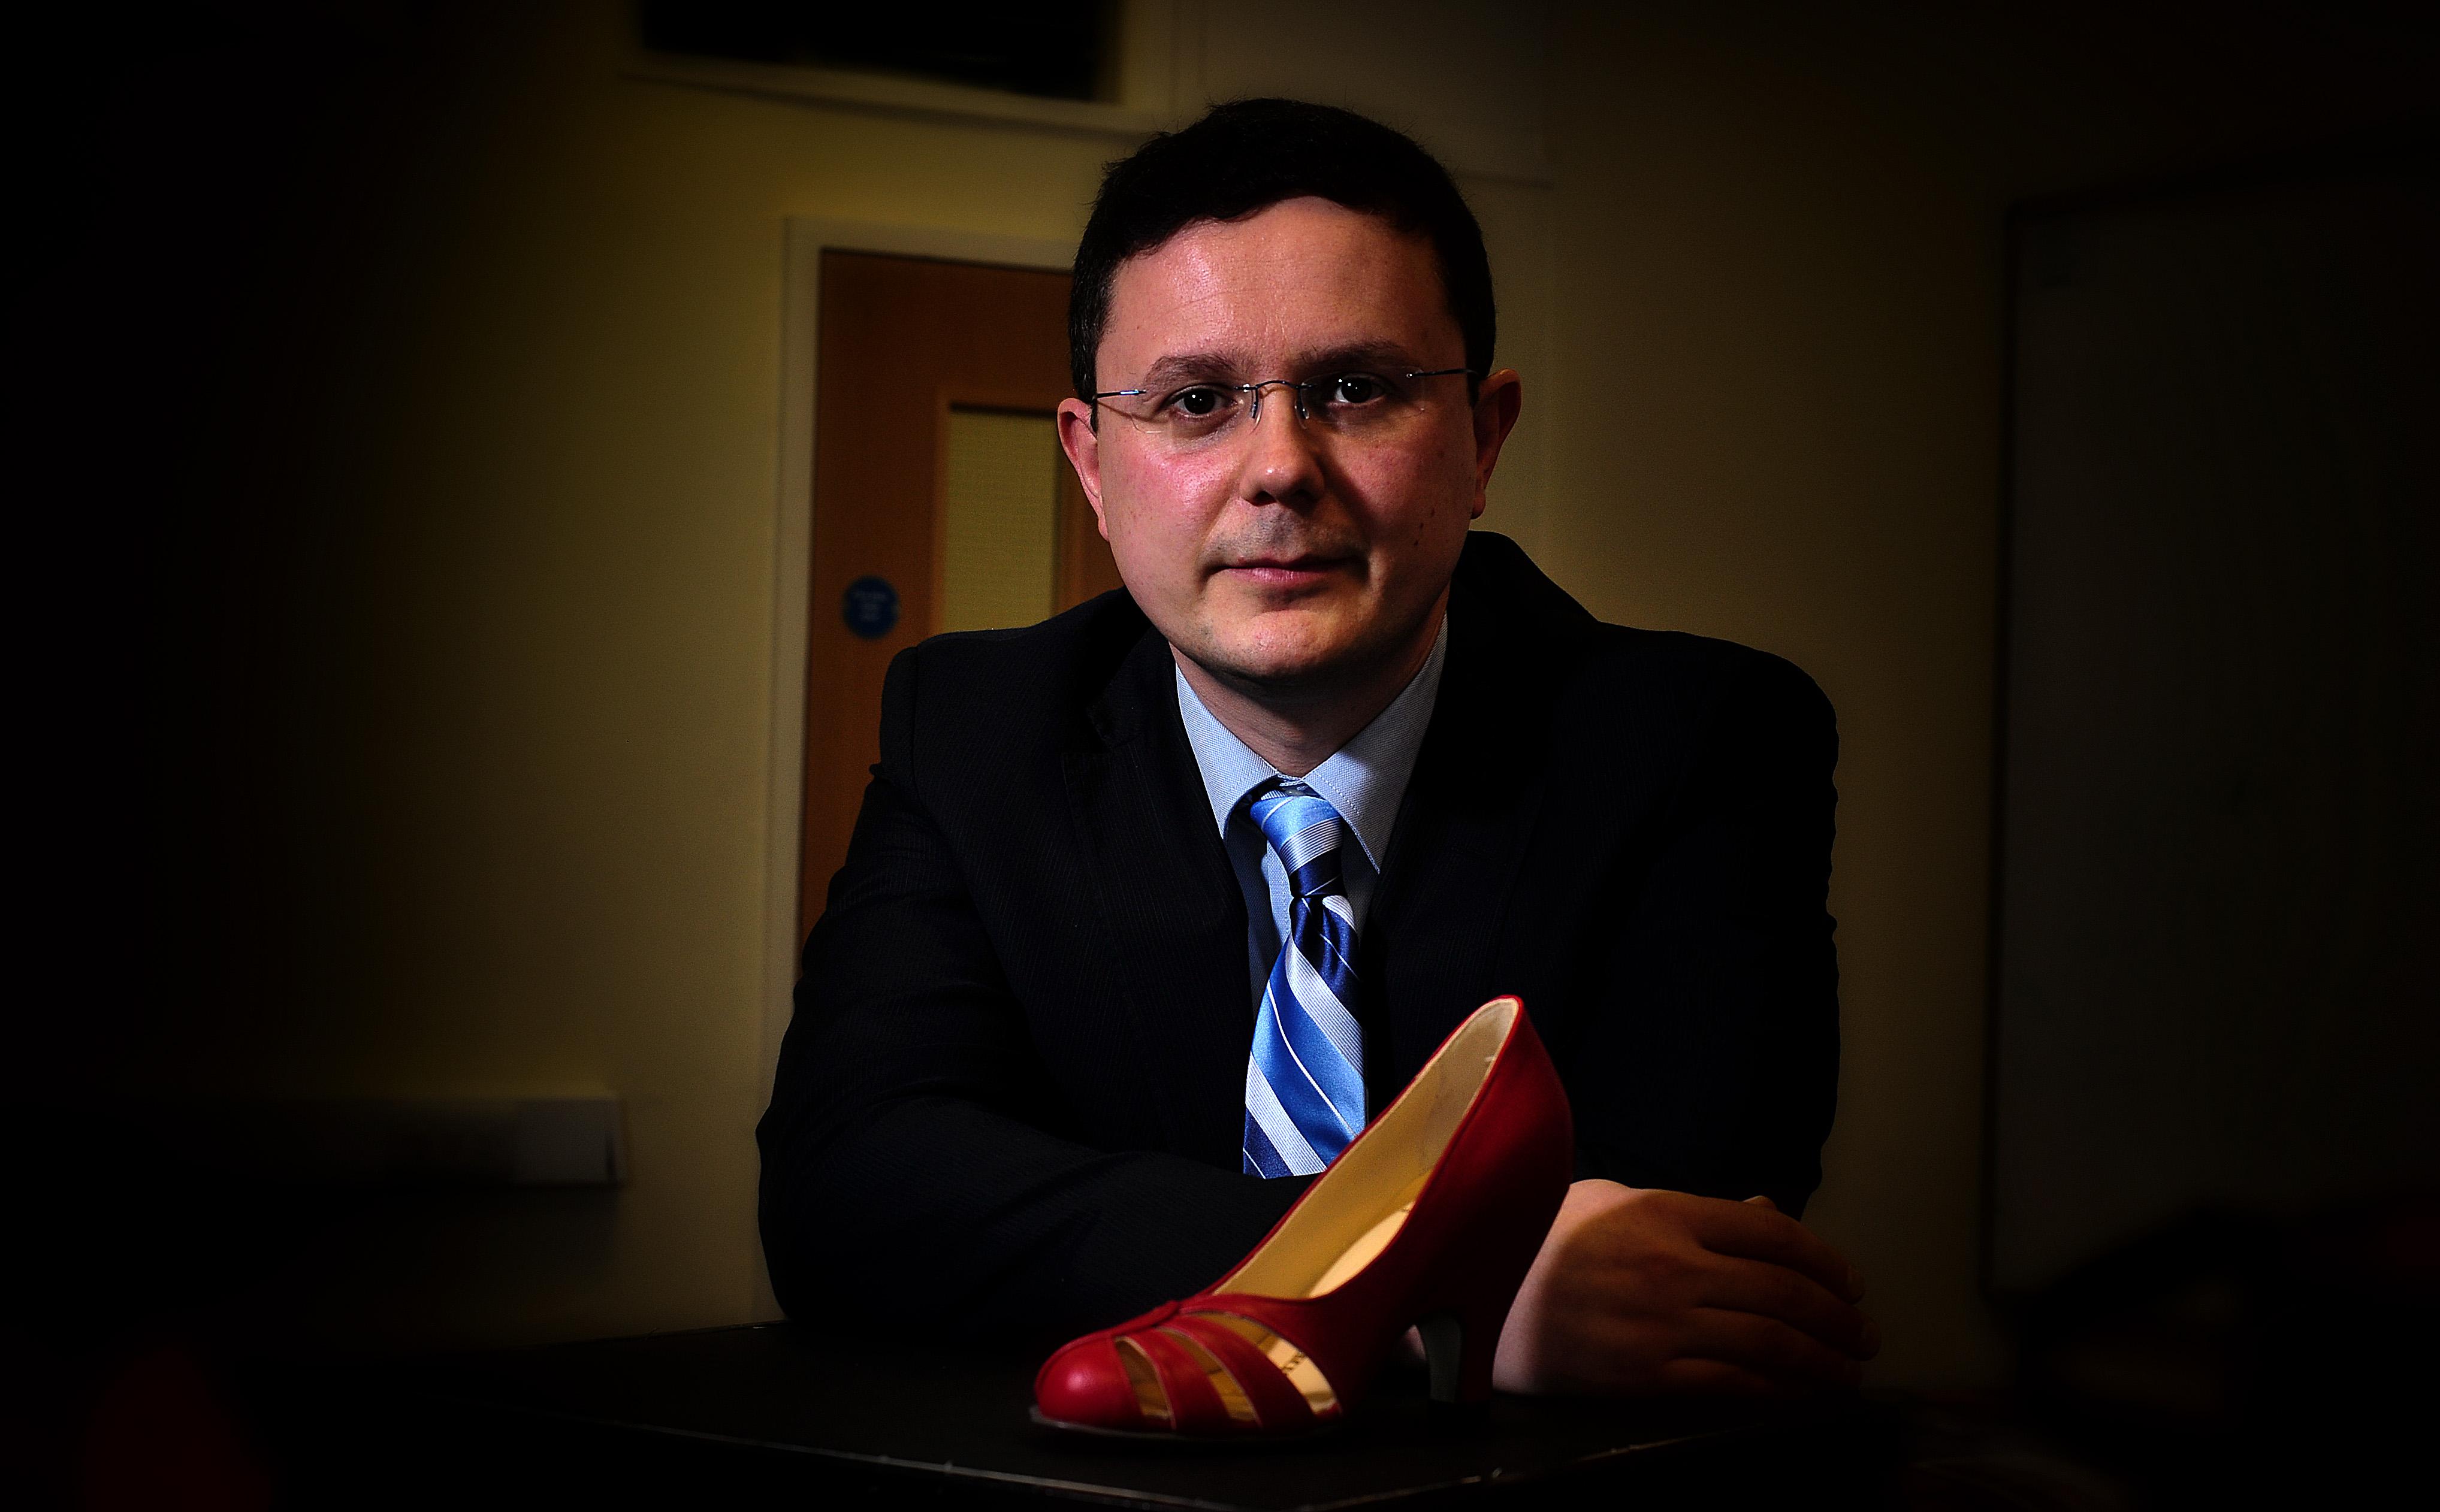 Dr Georgio Riello